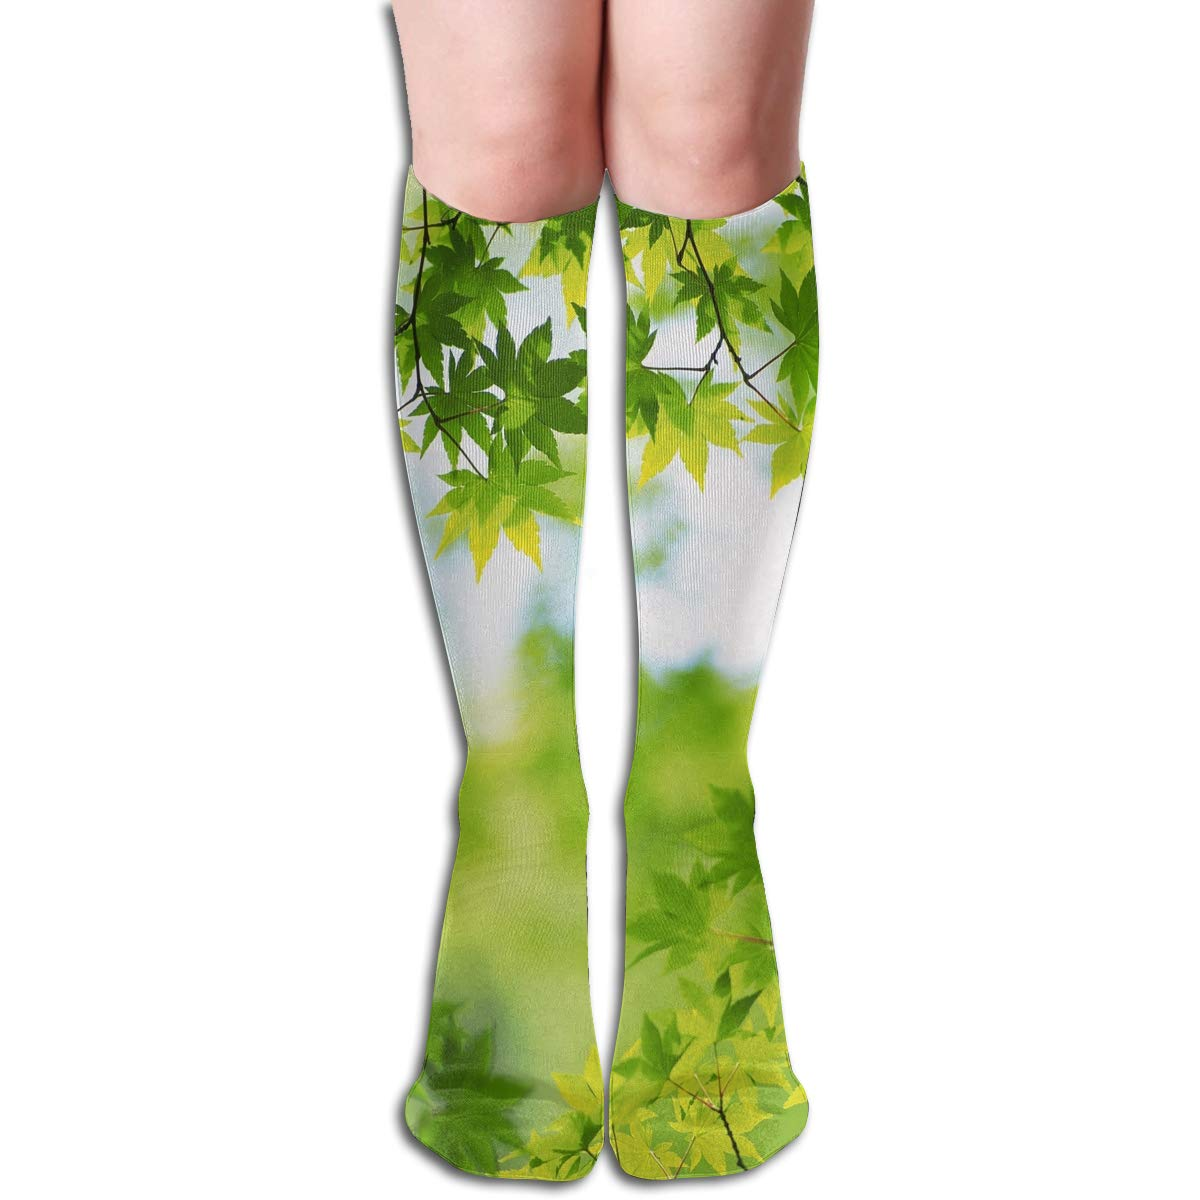 Girls Socks Over Knee Green Leaves Sunshine Winter Fabulous For Decor